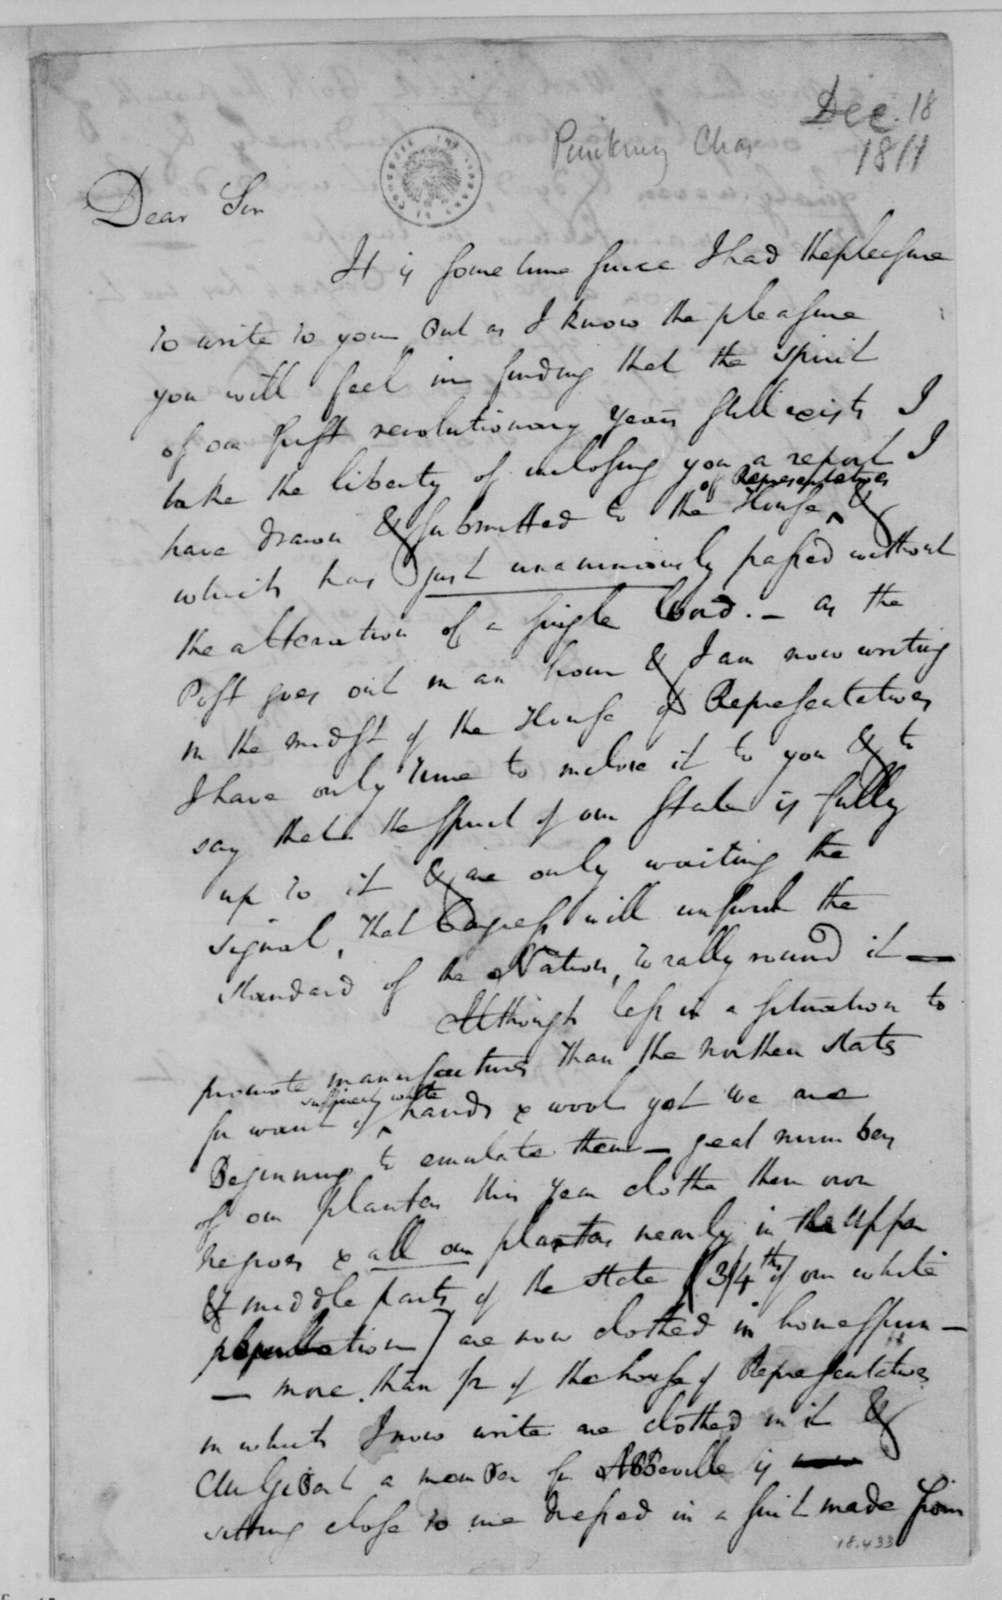 Charles Pinckney to James Madison, December 18, 1811.